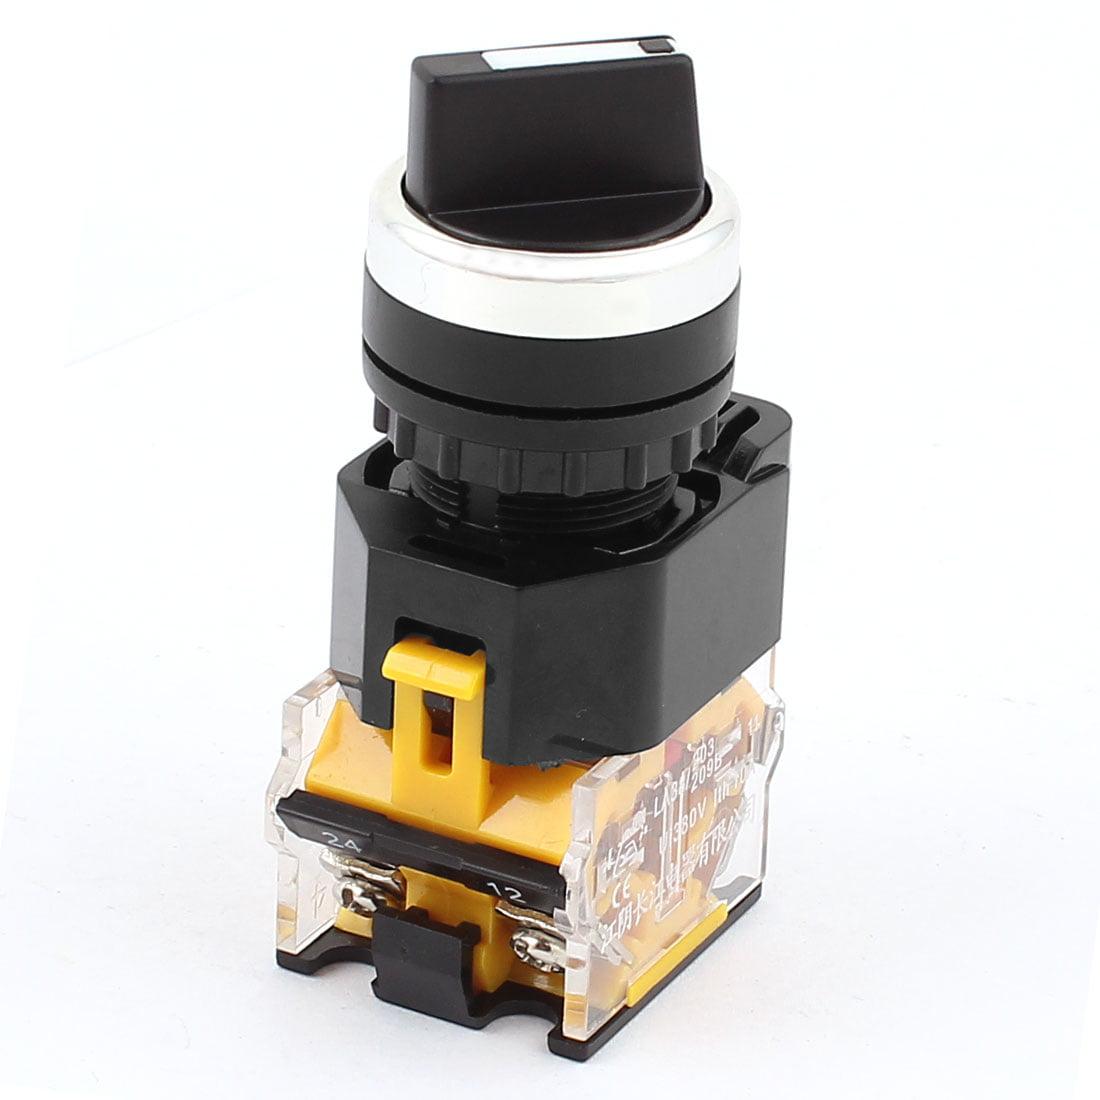 AC 380V 10A 1 NON 1 NC 3 Positions DPST sélecteur rotatif sélectionnez verrou contacteur - image 2 de 2